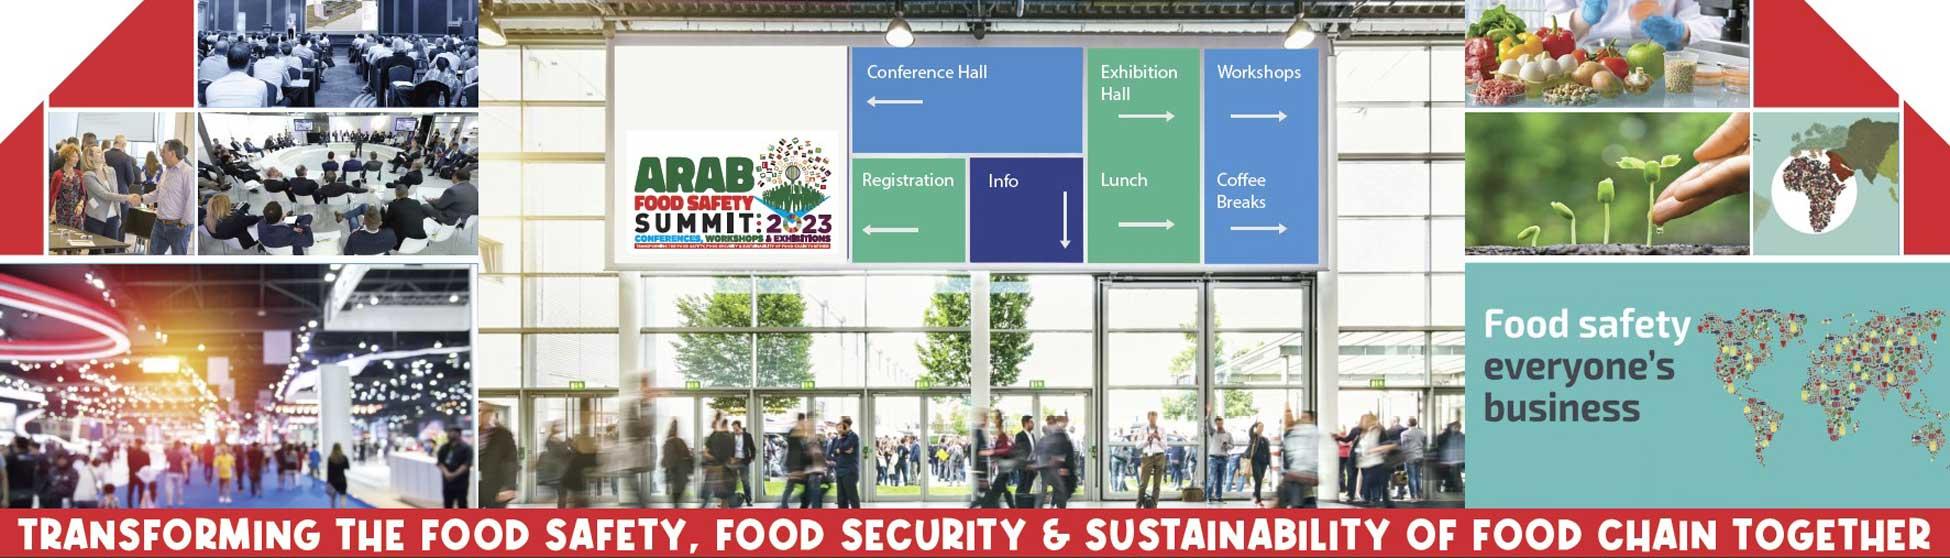 Arab Food Safety Summit Slide 03